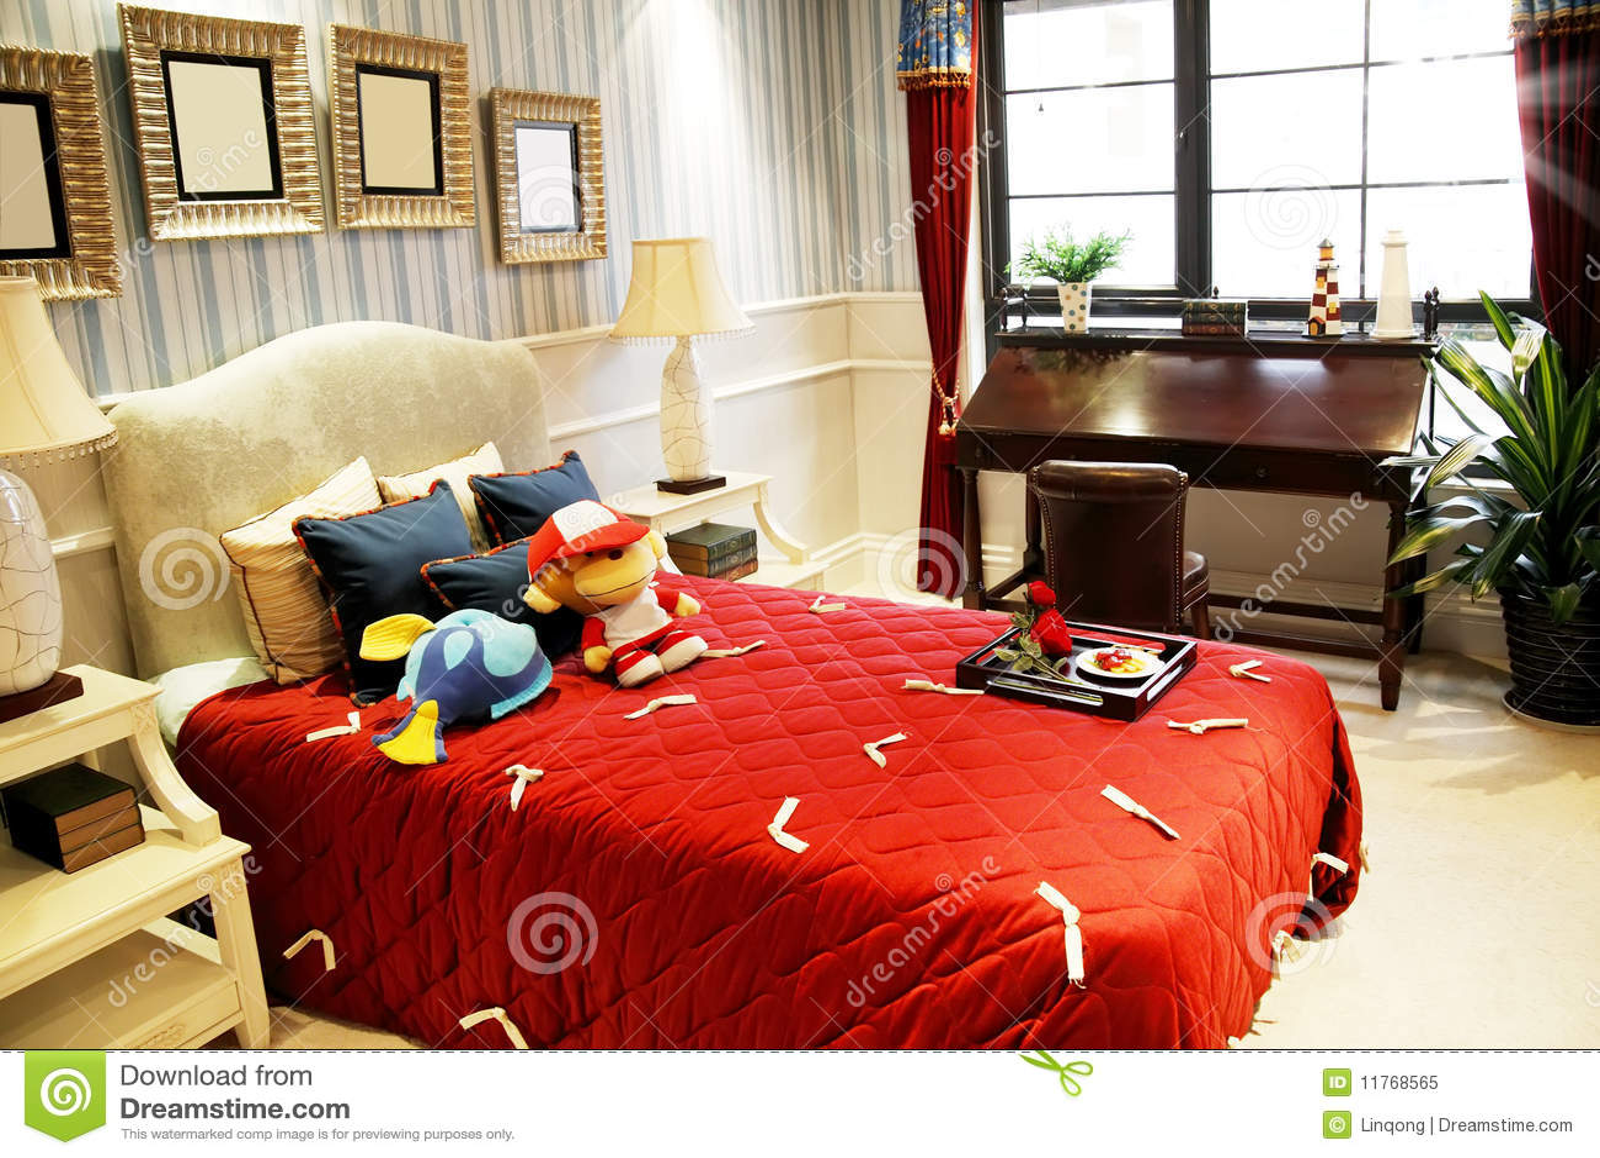 De slaapkamer van het meisje stock afbeelding afbeelding 11768565 - Cabine slaapkamer meisje ...